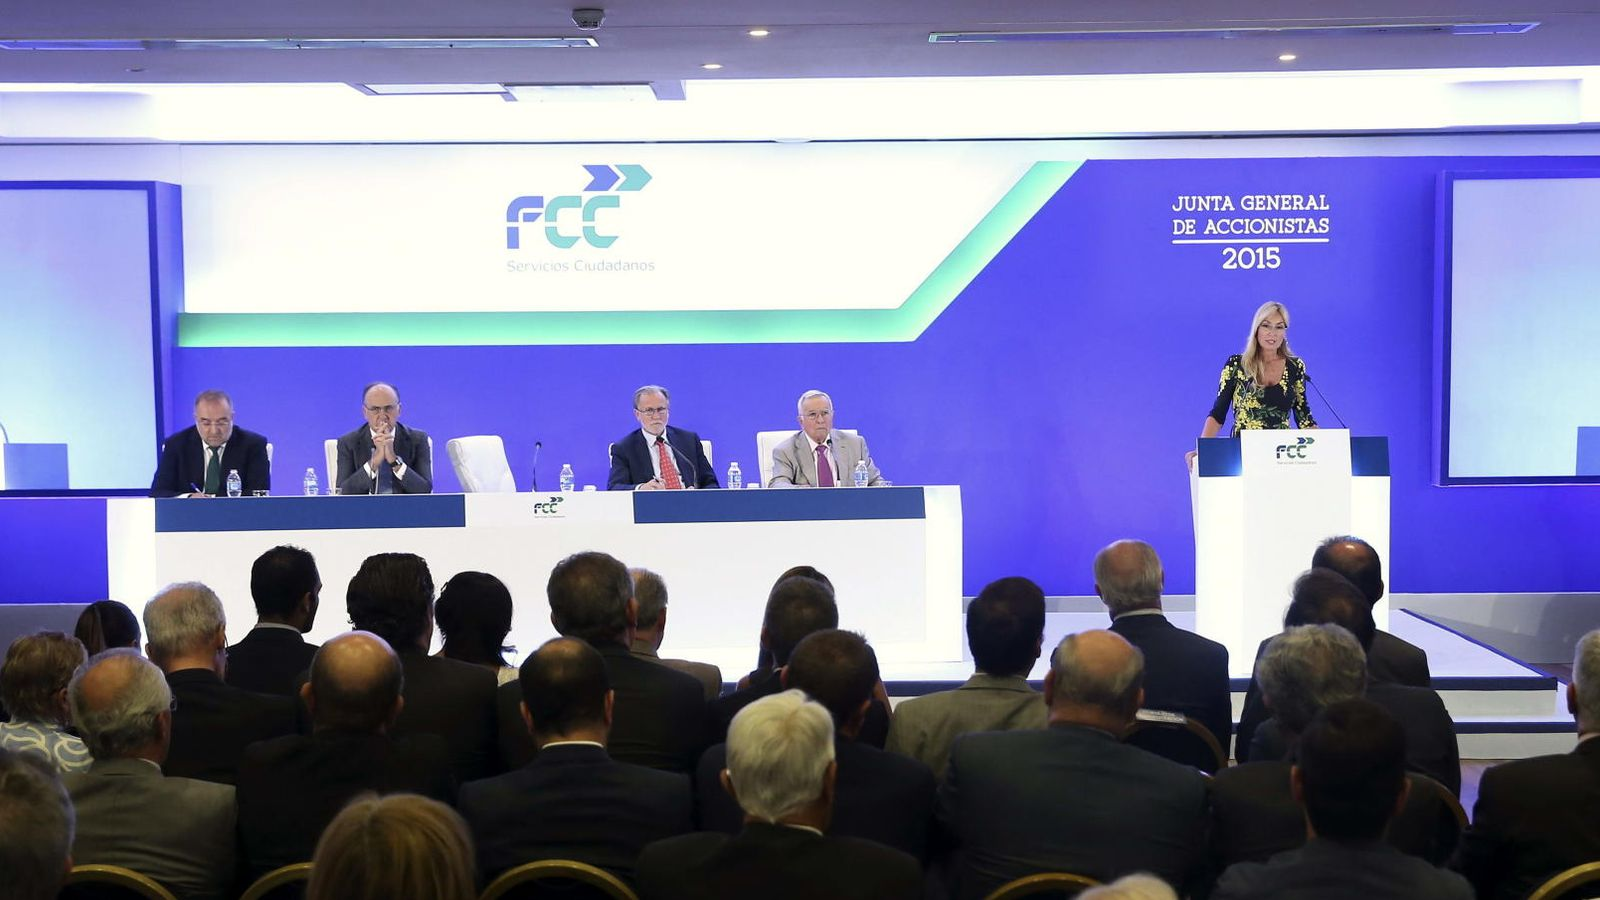 Foto: Junta de accionista de FCC. (Efe)